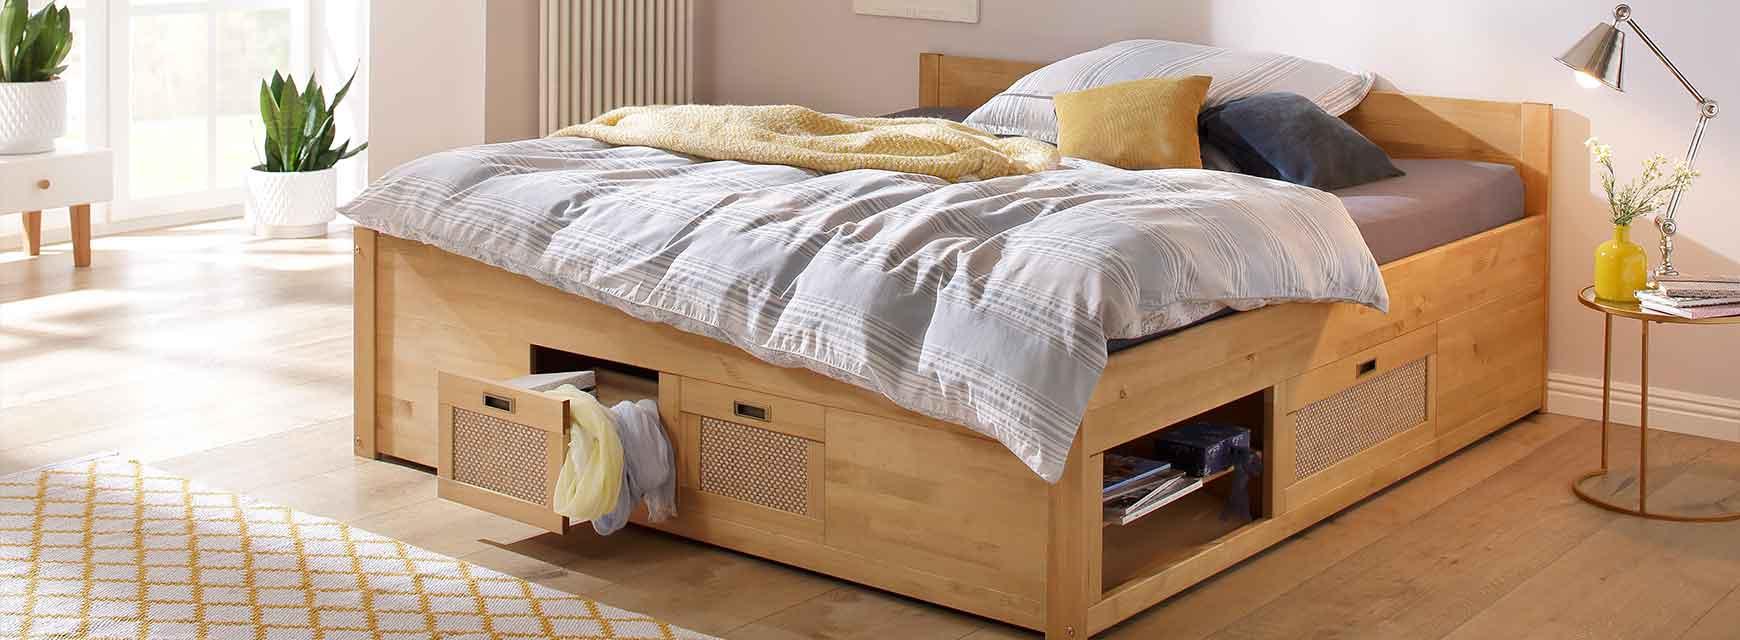 Full Size of Bett 220 X 200 Landhausstil Landhaus Online Kaufen Naturloftde Holz 160x200 Bette Starlet Hasena Betten Wasser Stauraum Box Spring 120x200 Mit Bettkasten Eiche Bett Bett 220 X 200